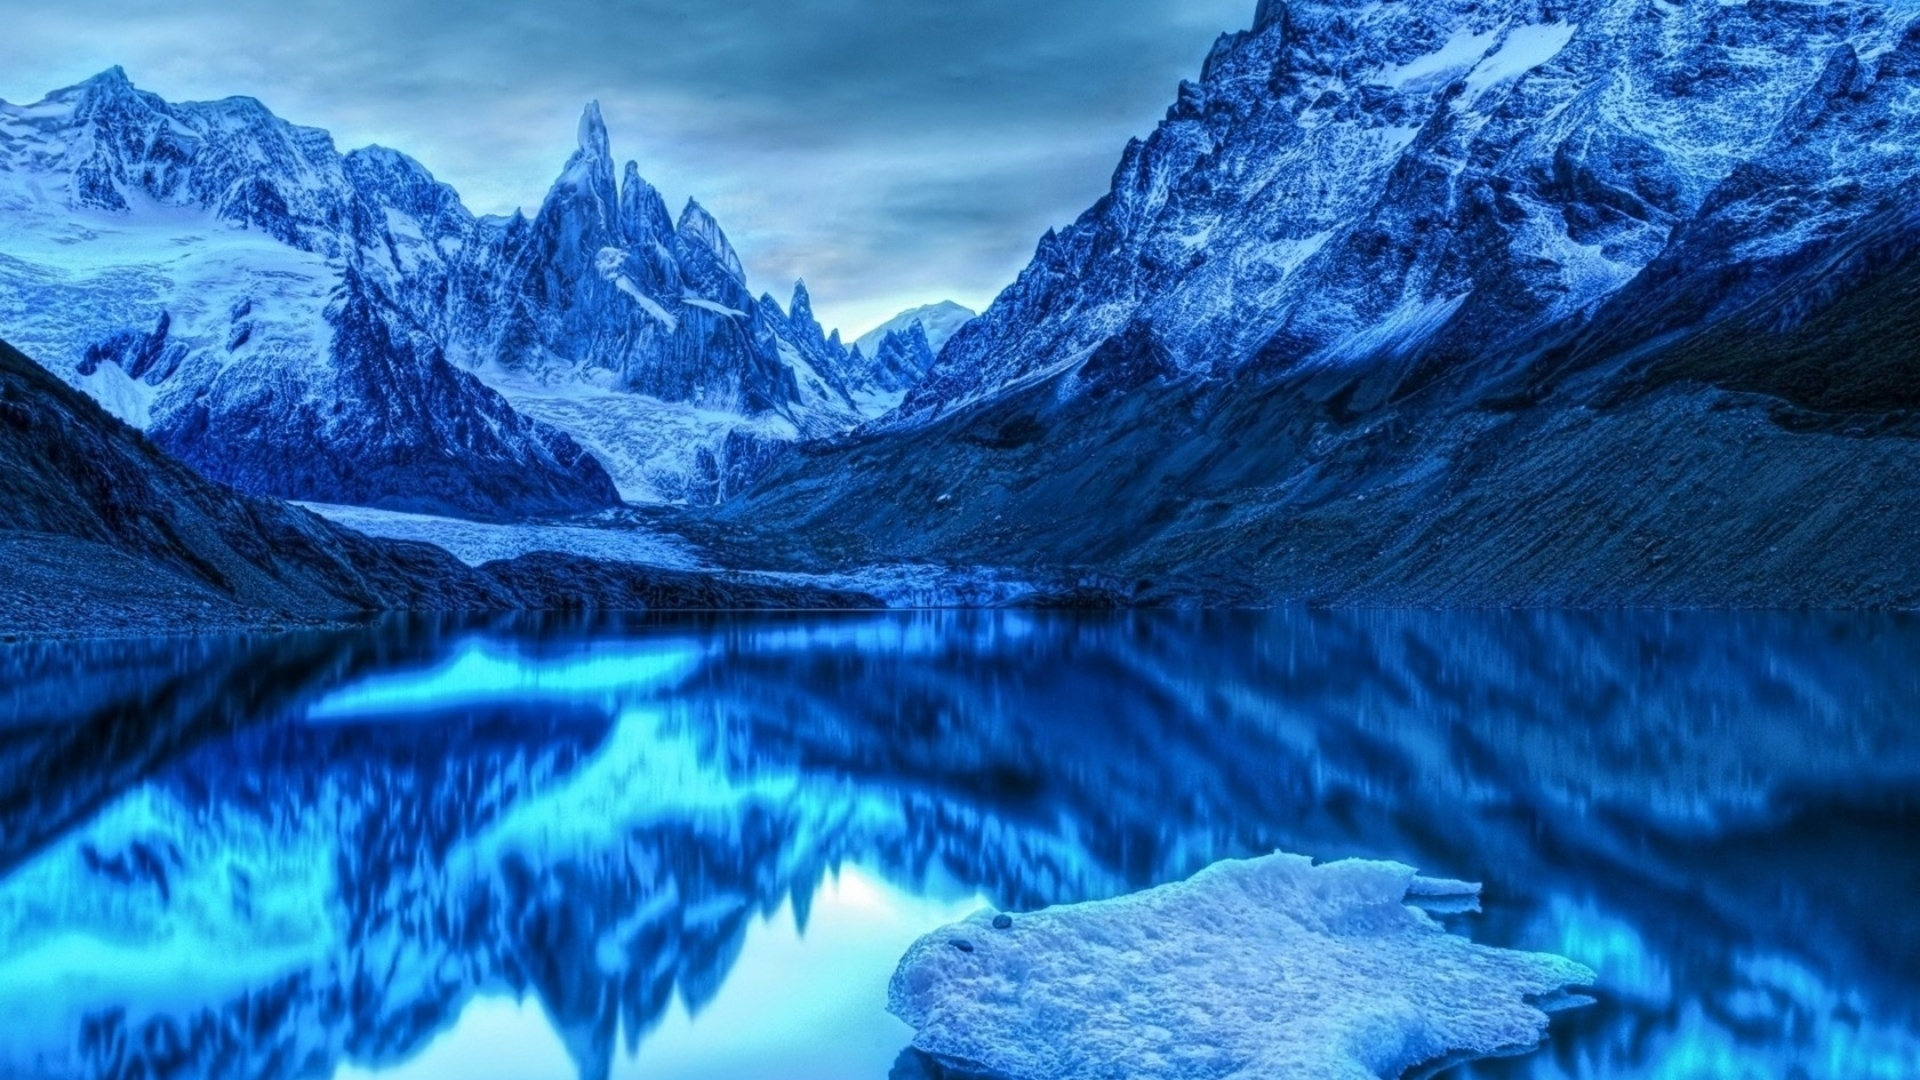 48395 скачать Синие обои на телефон бесплатно, Пейзаж, Природа, Горы Синие картинки и заставки на мобильный